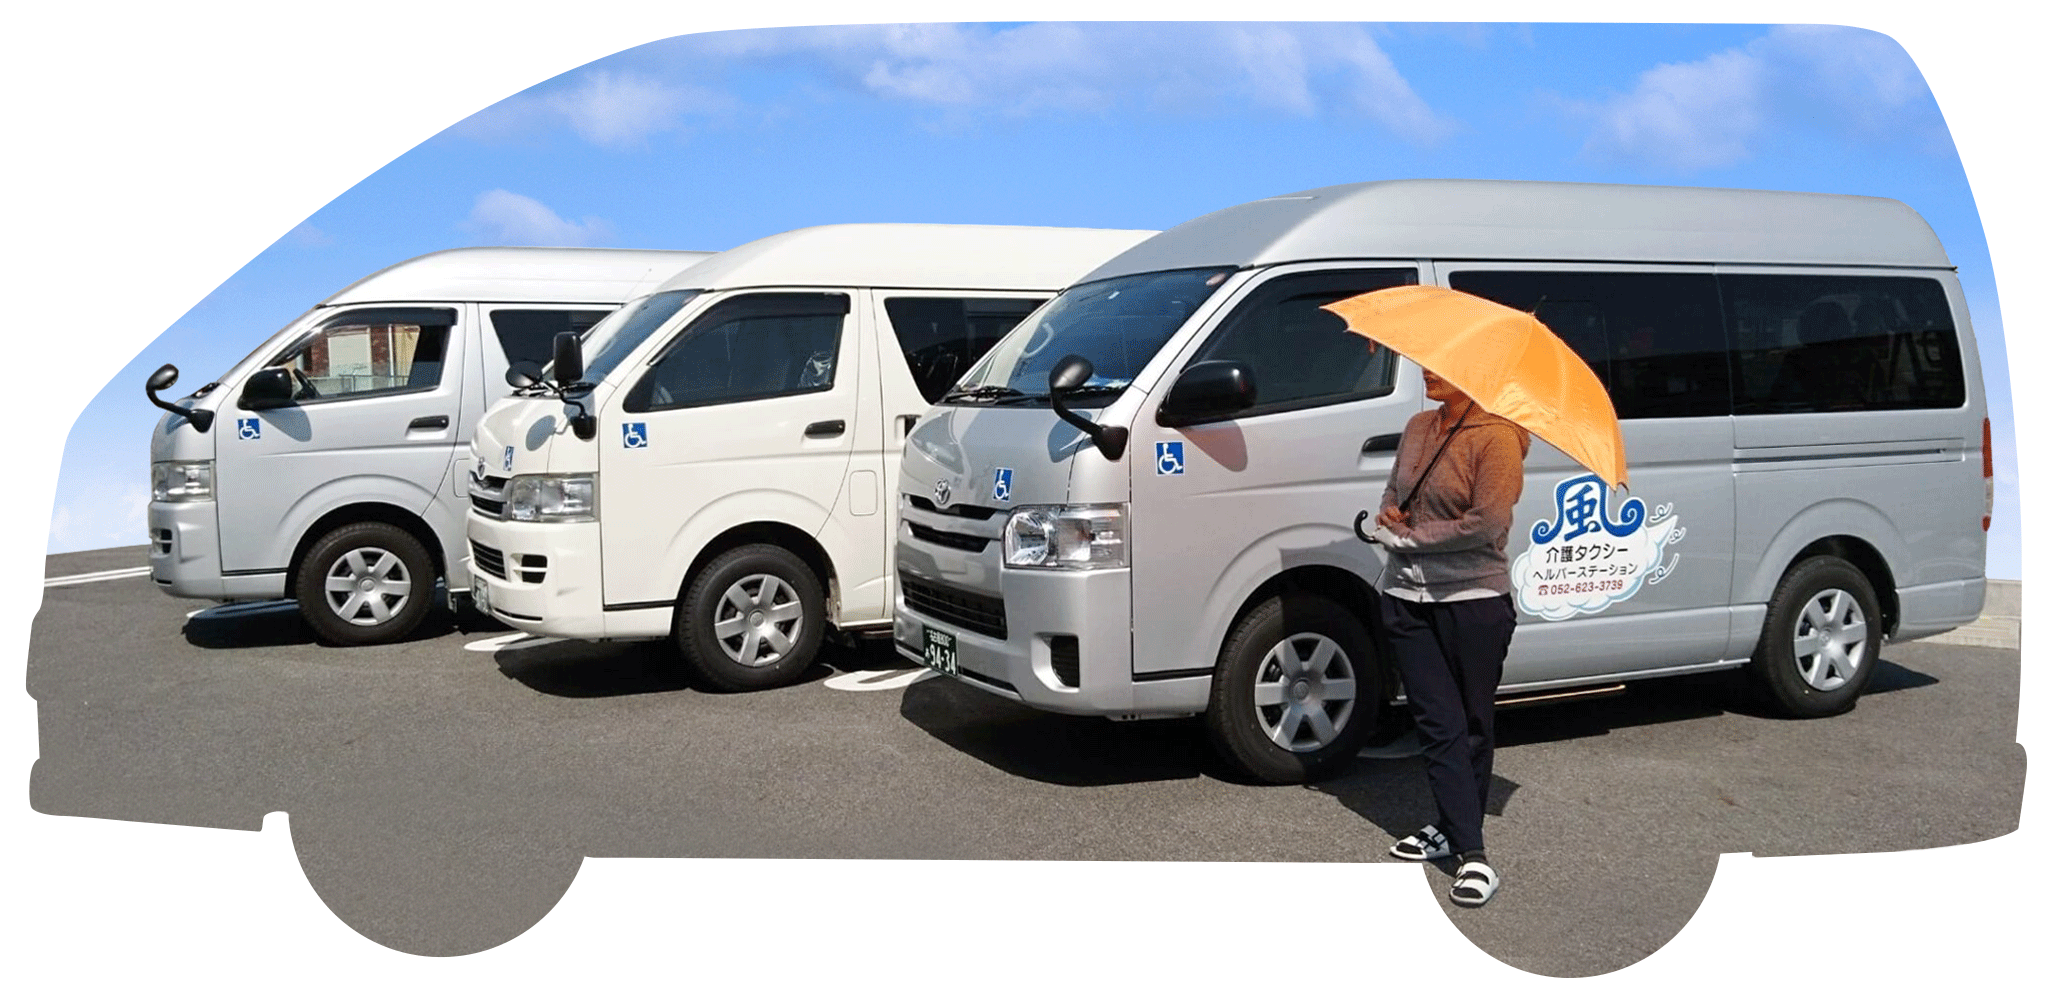 風介護タクシー ハイエース 3台